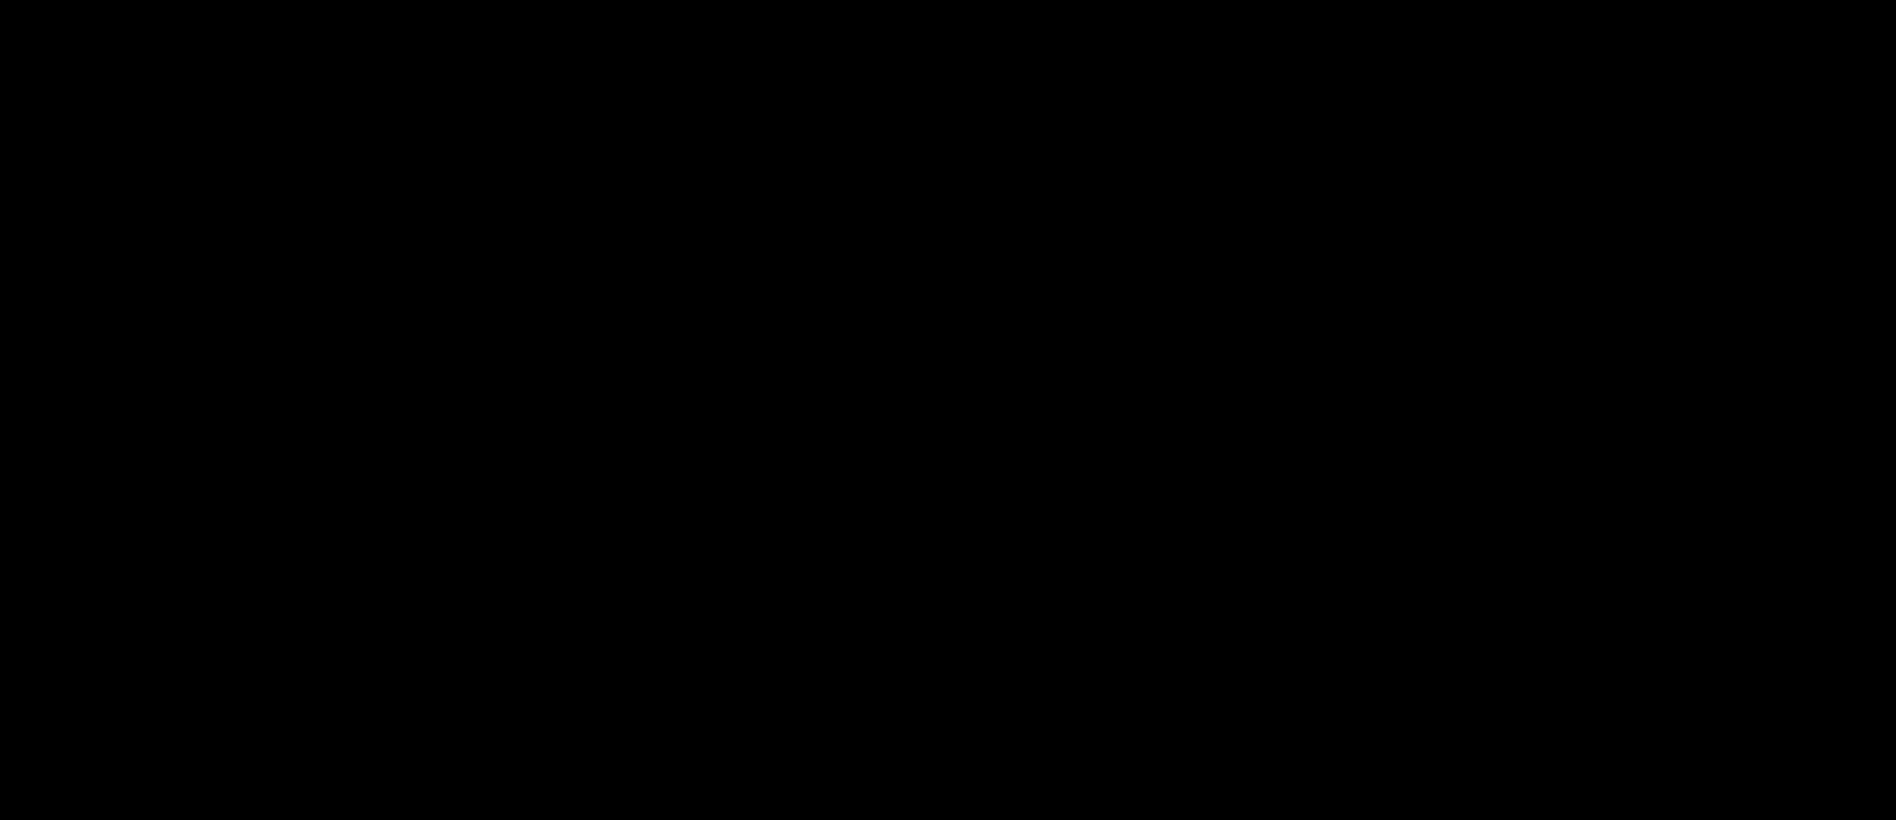 O-Desmethyl Gefitinib